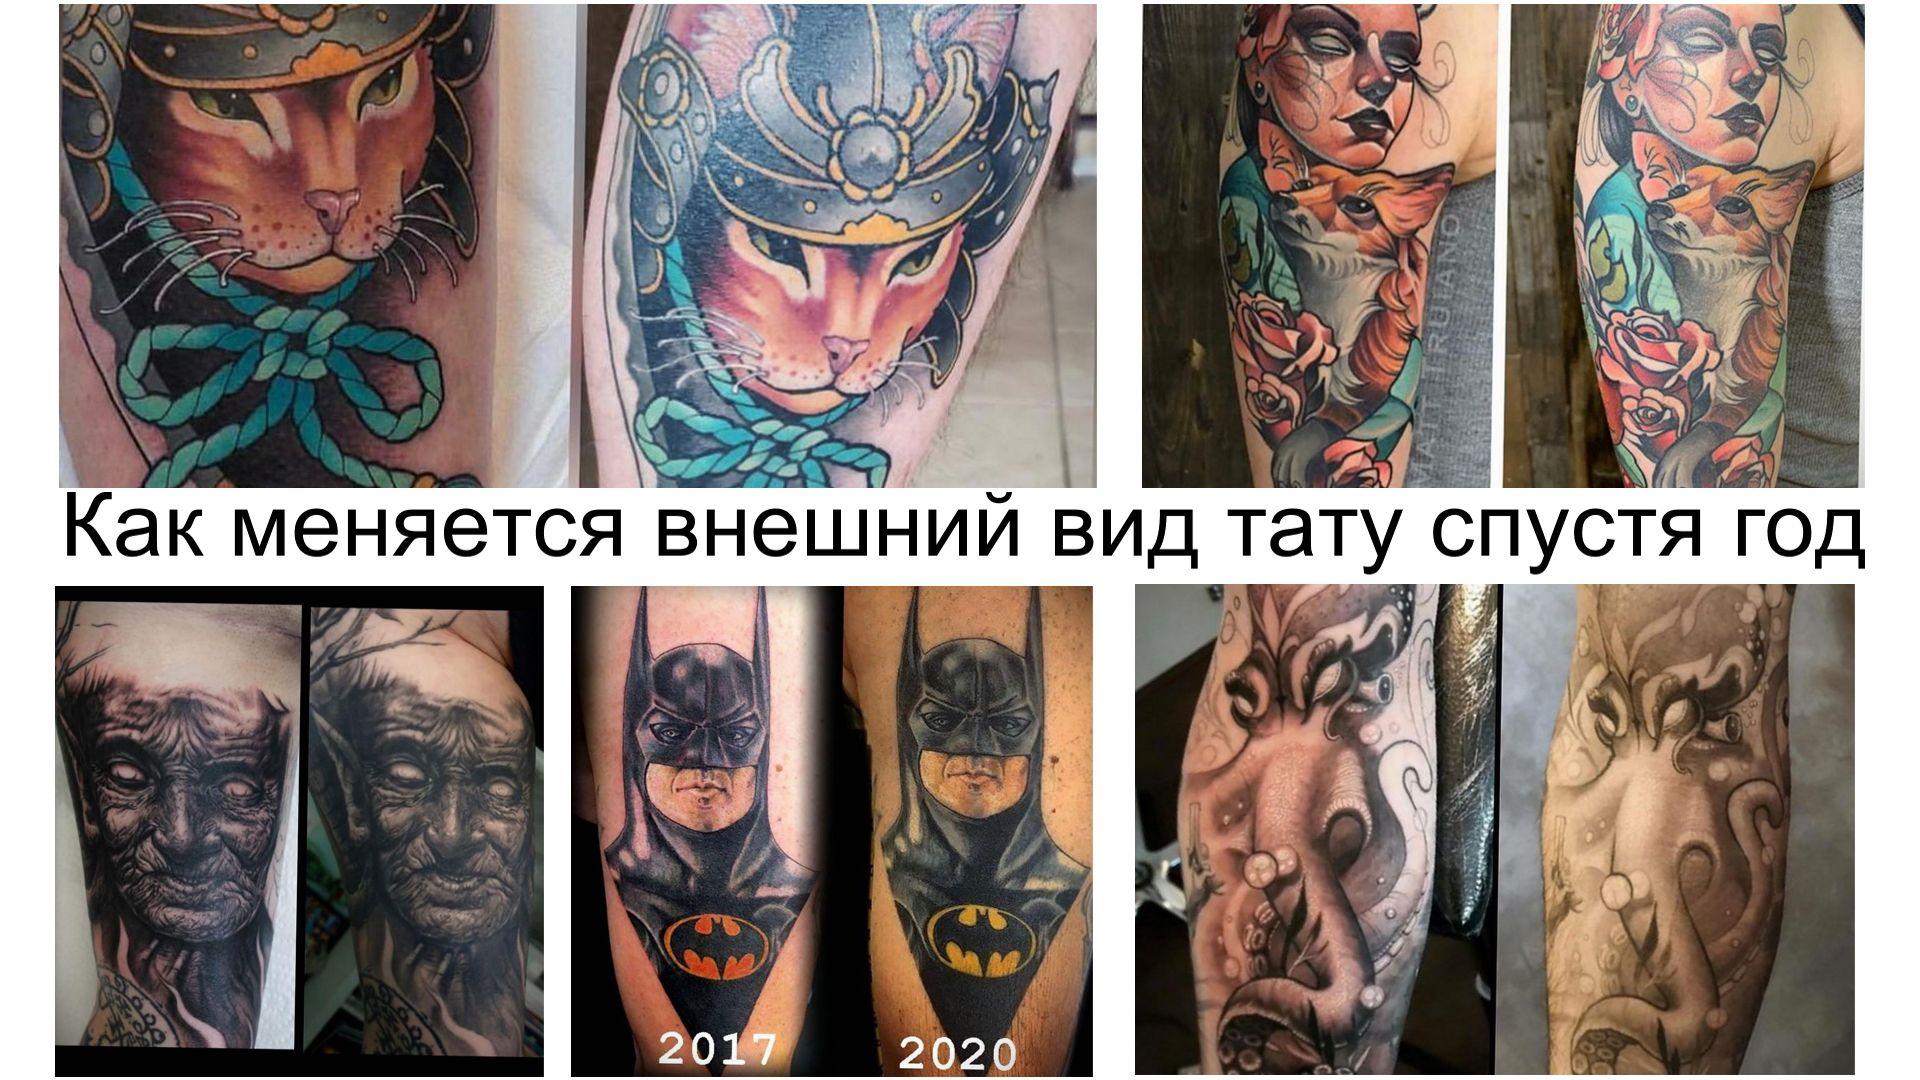 Вот как будет выглядеть ваша татуировка после года заживления